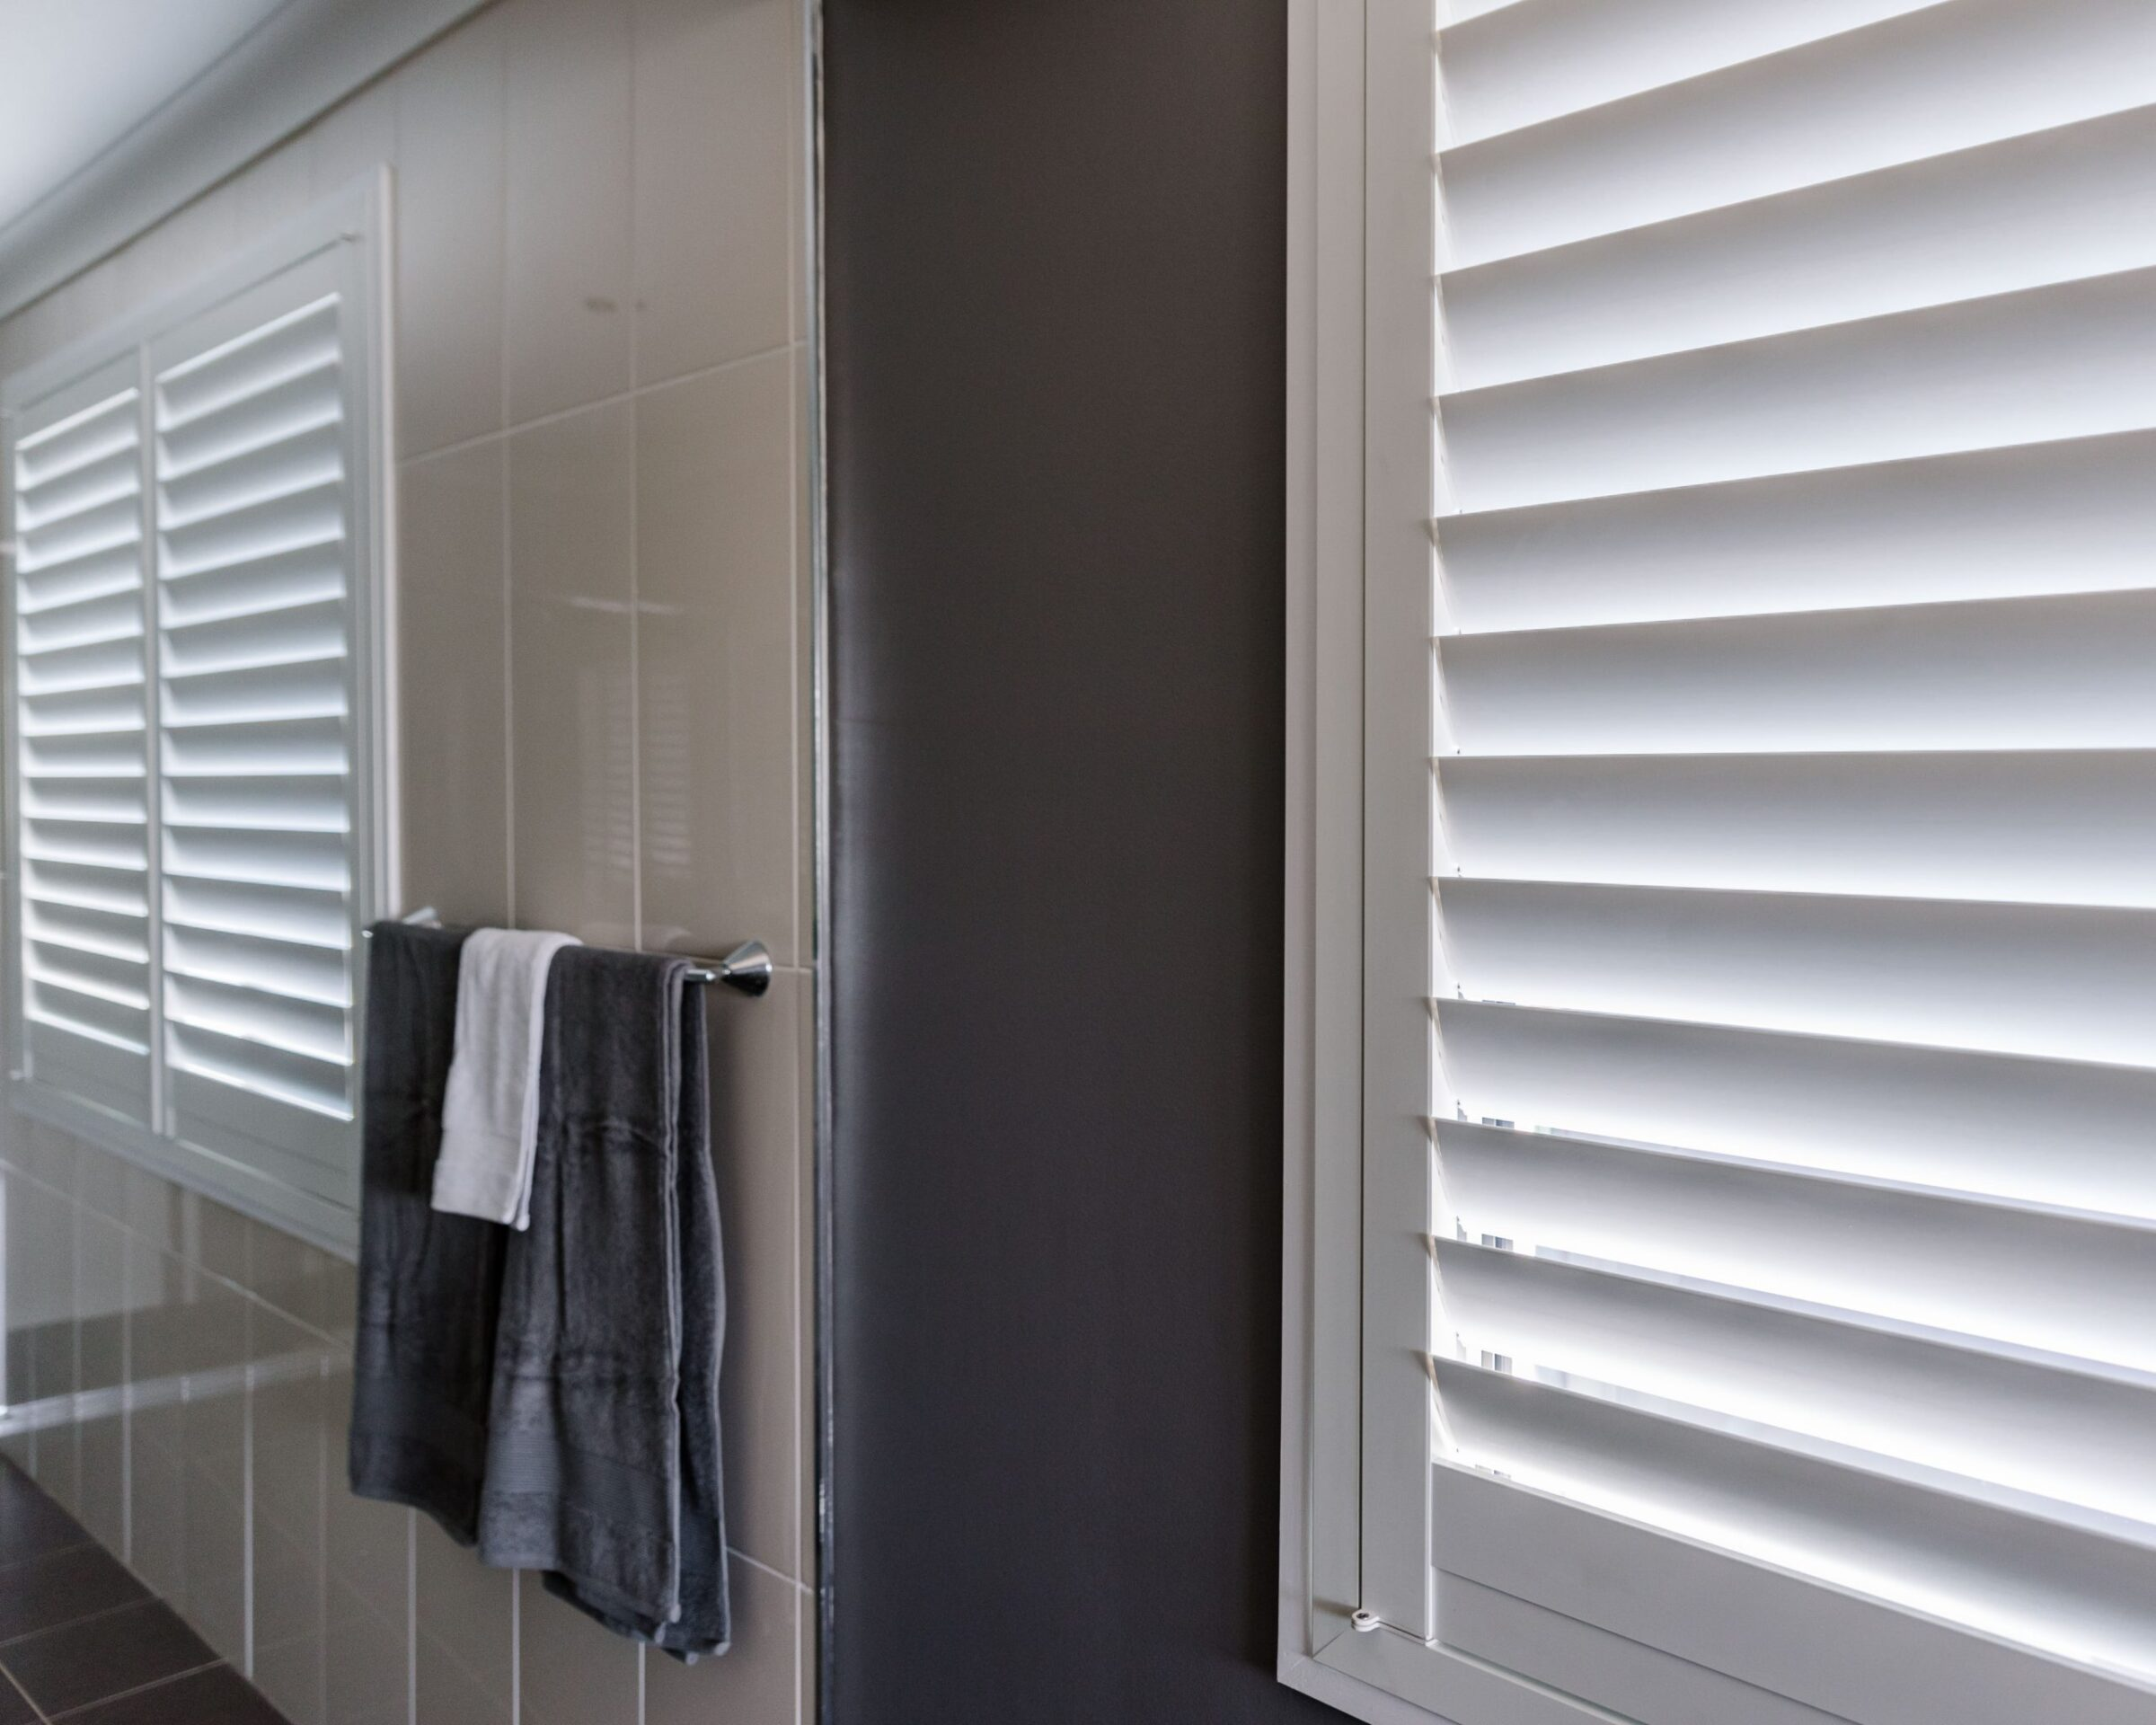 Bathroom Kitchen - Kitchen shutters